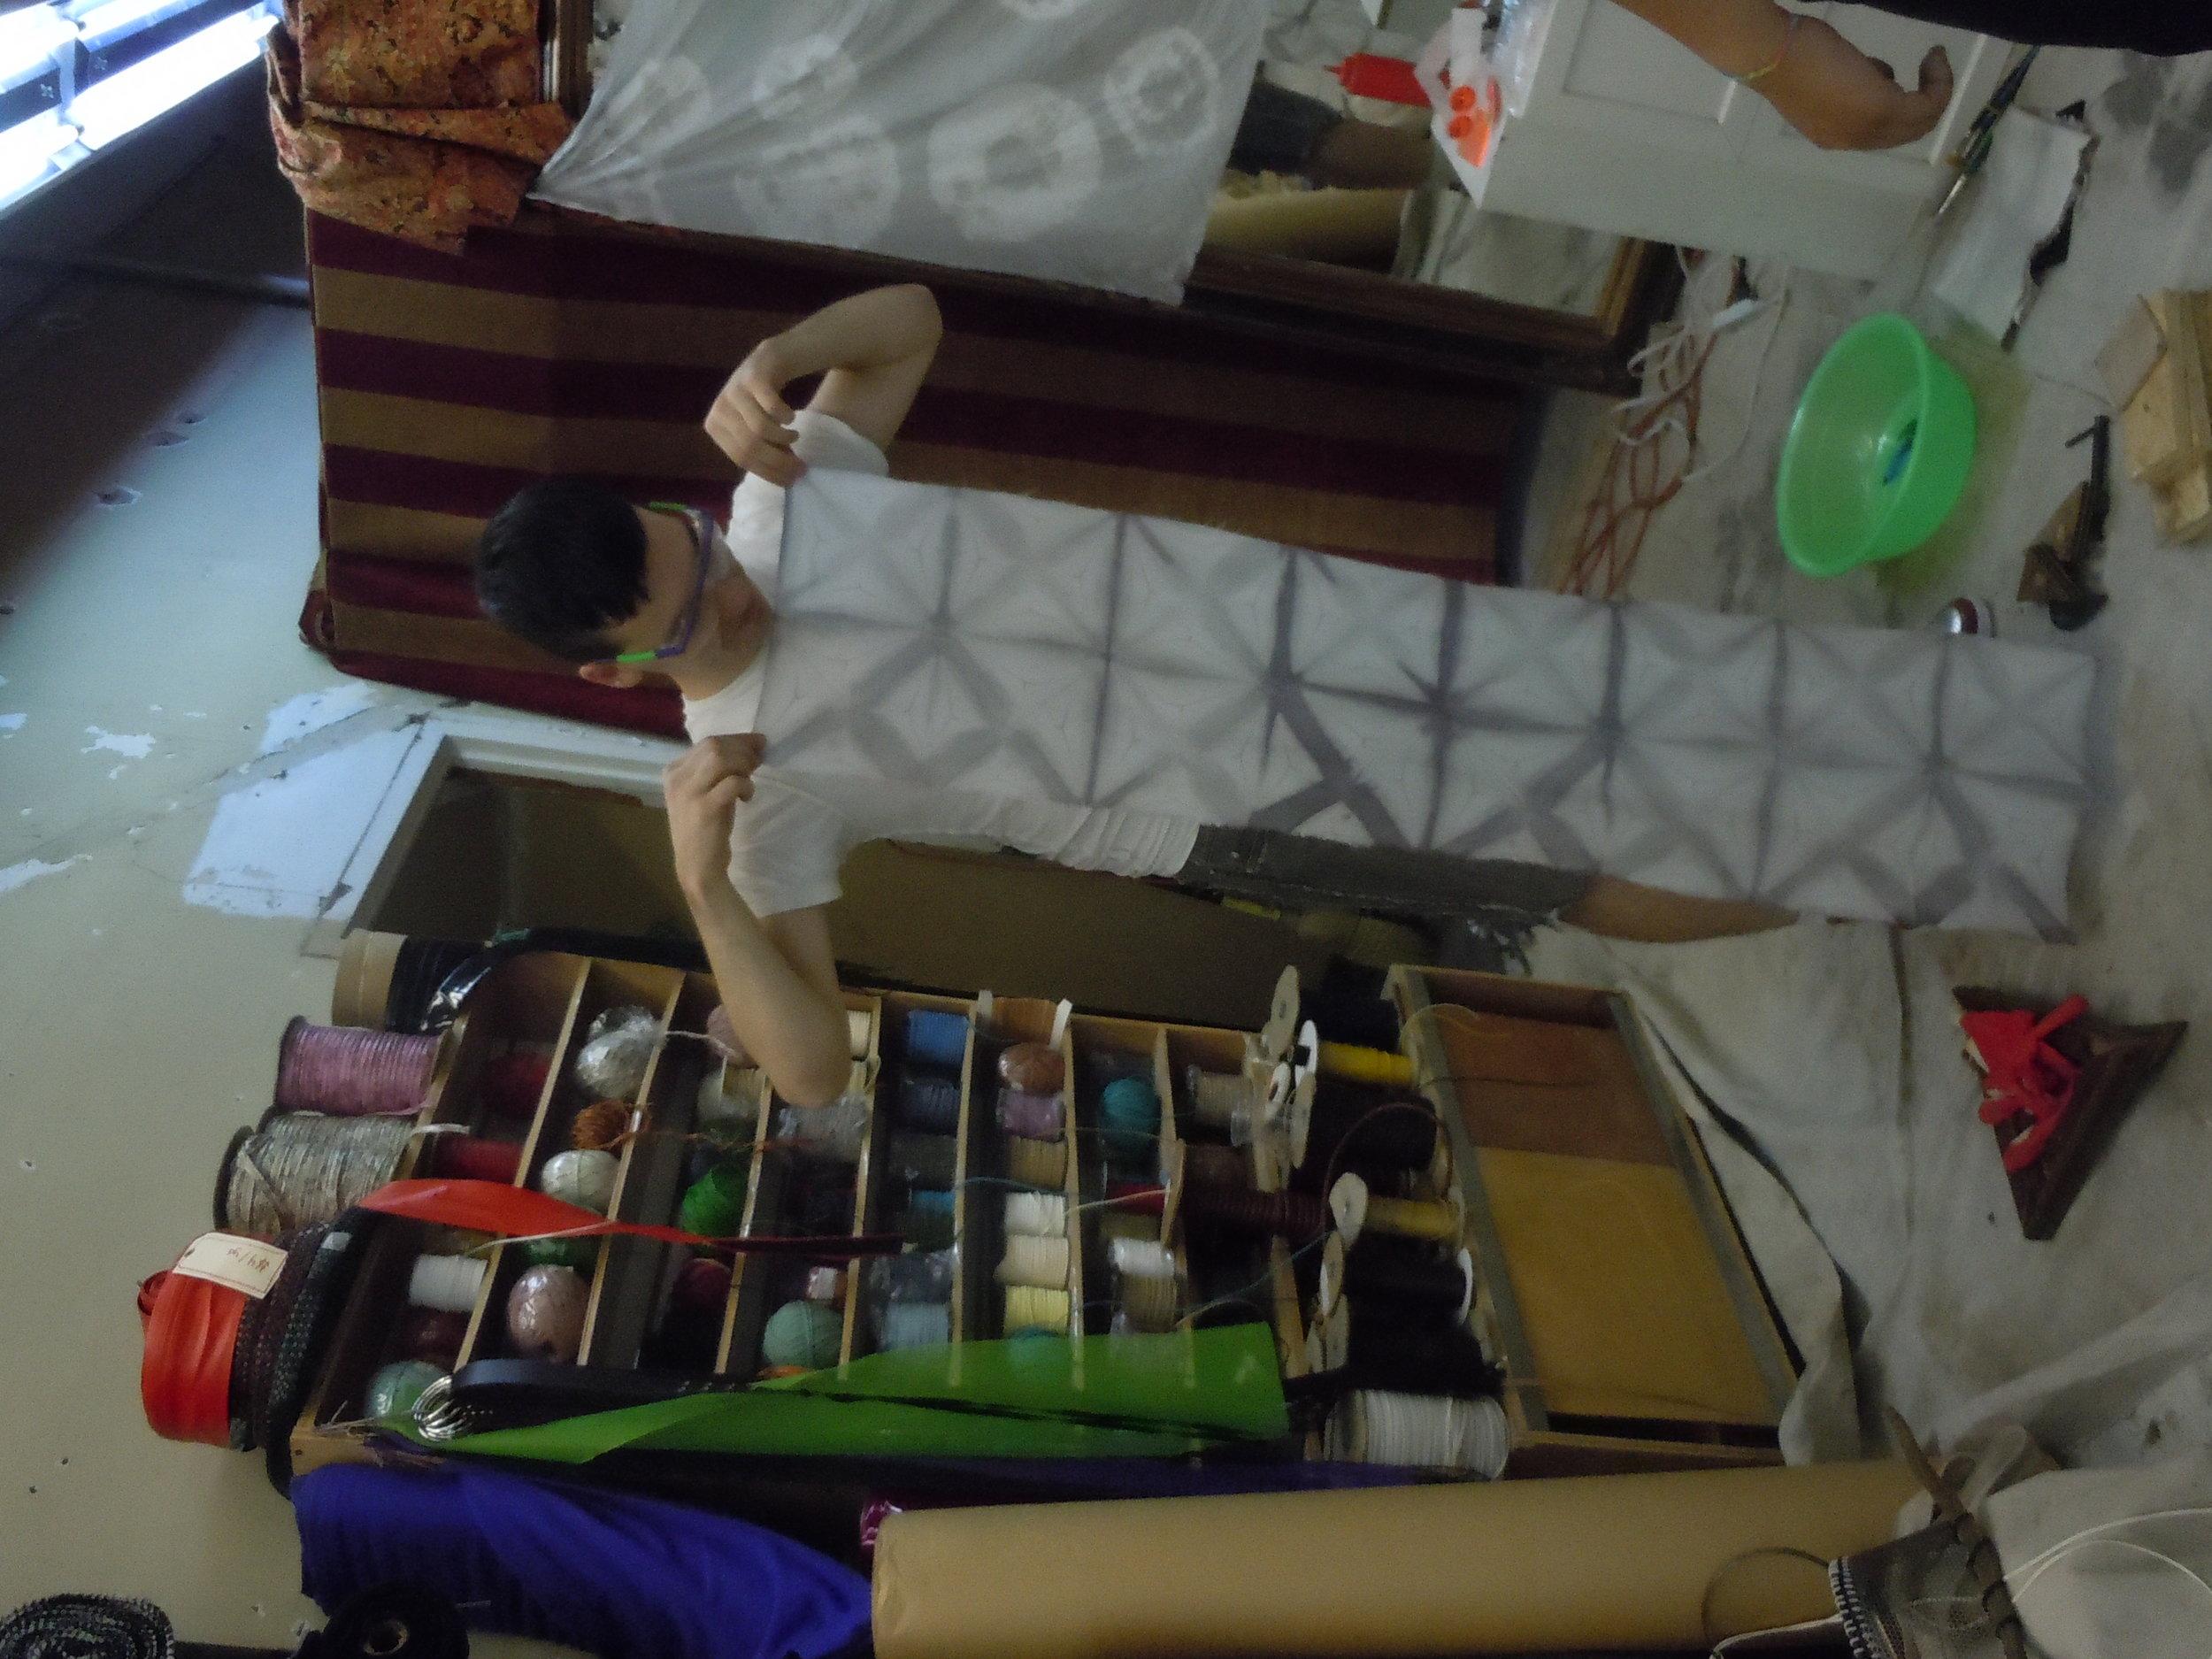 shibori-tea-dyed-fabric_5064080594_o.jpg